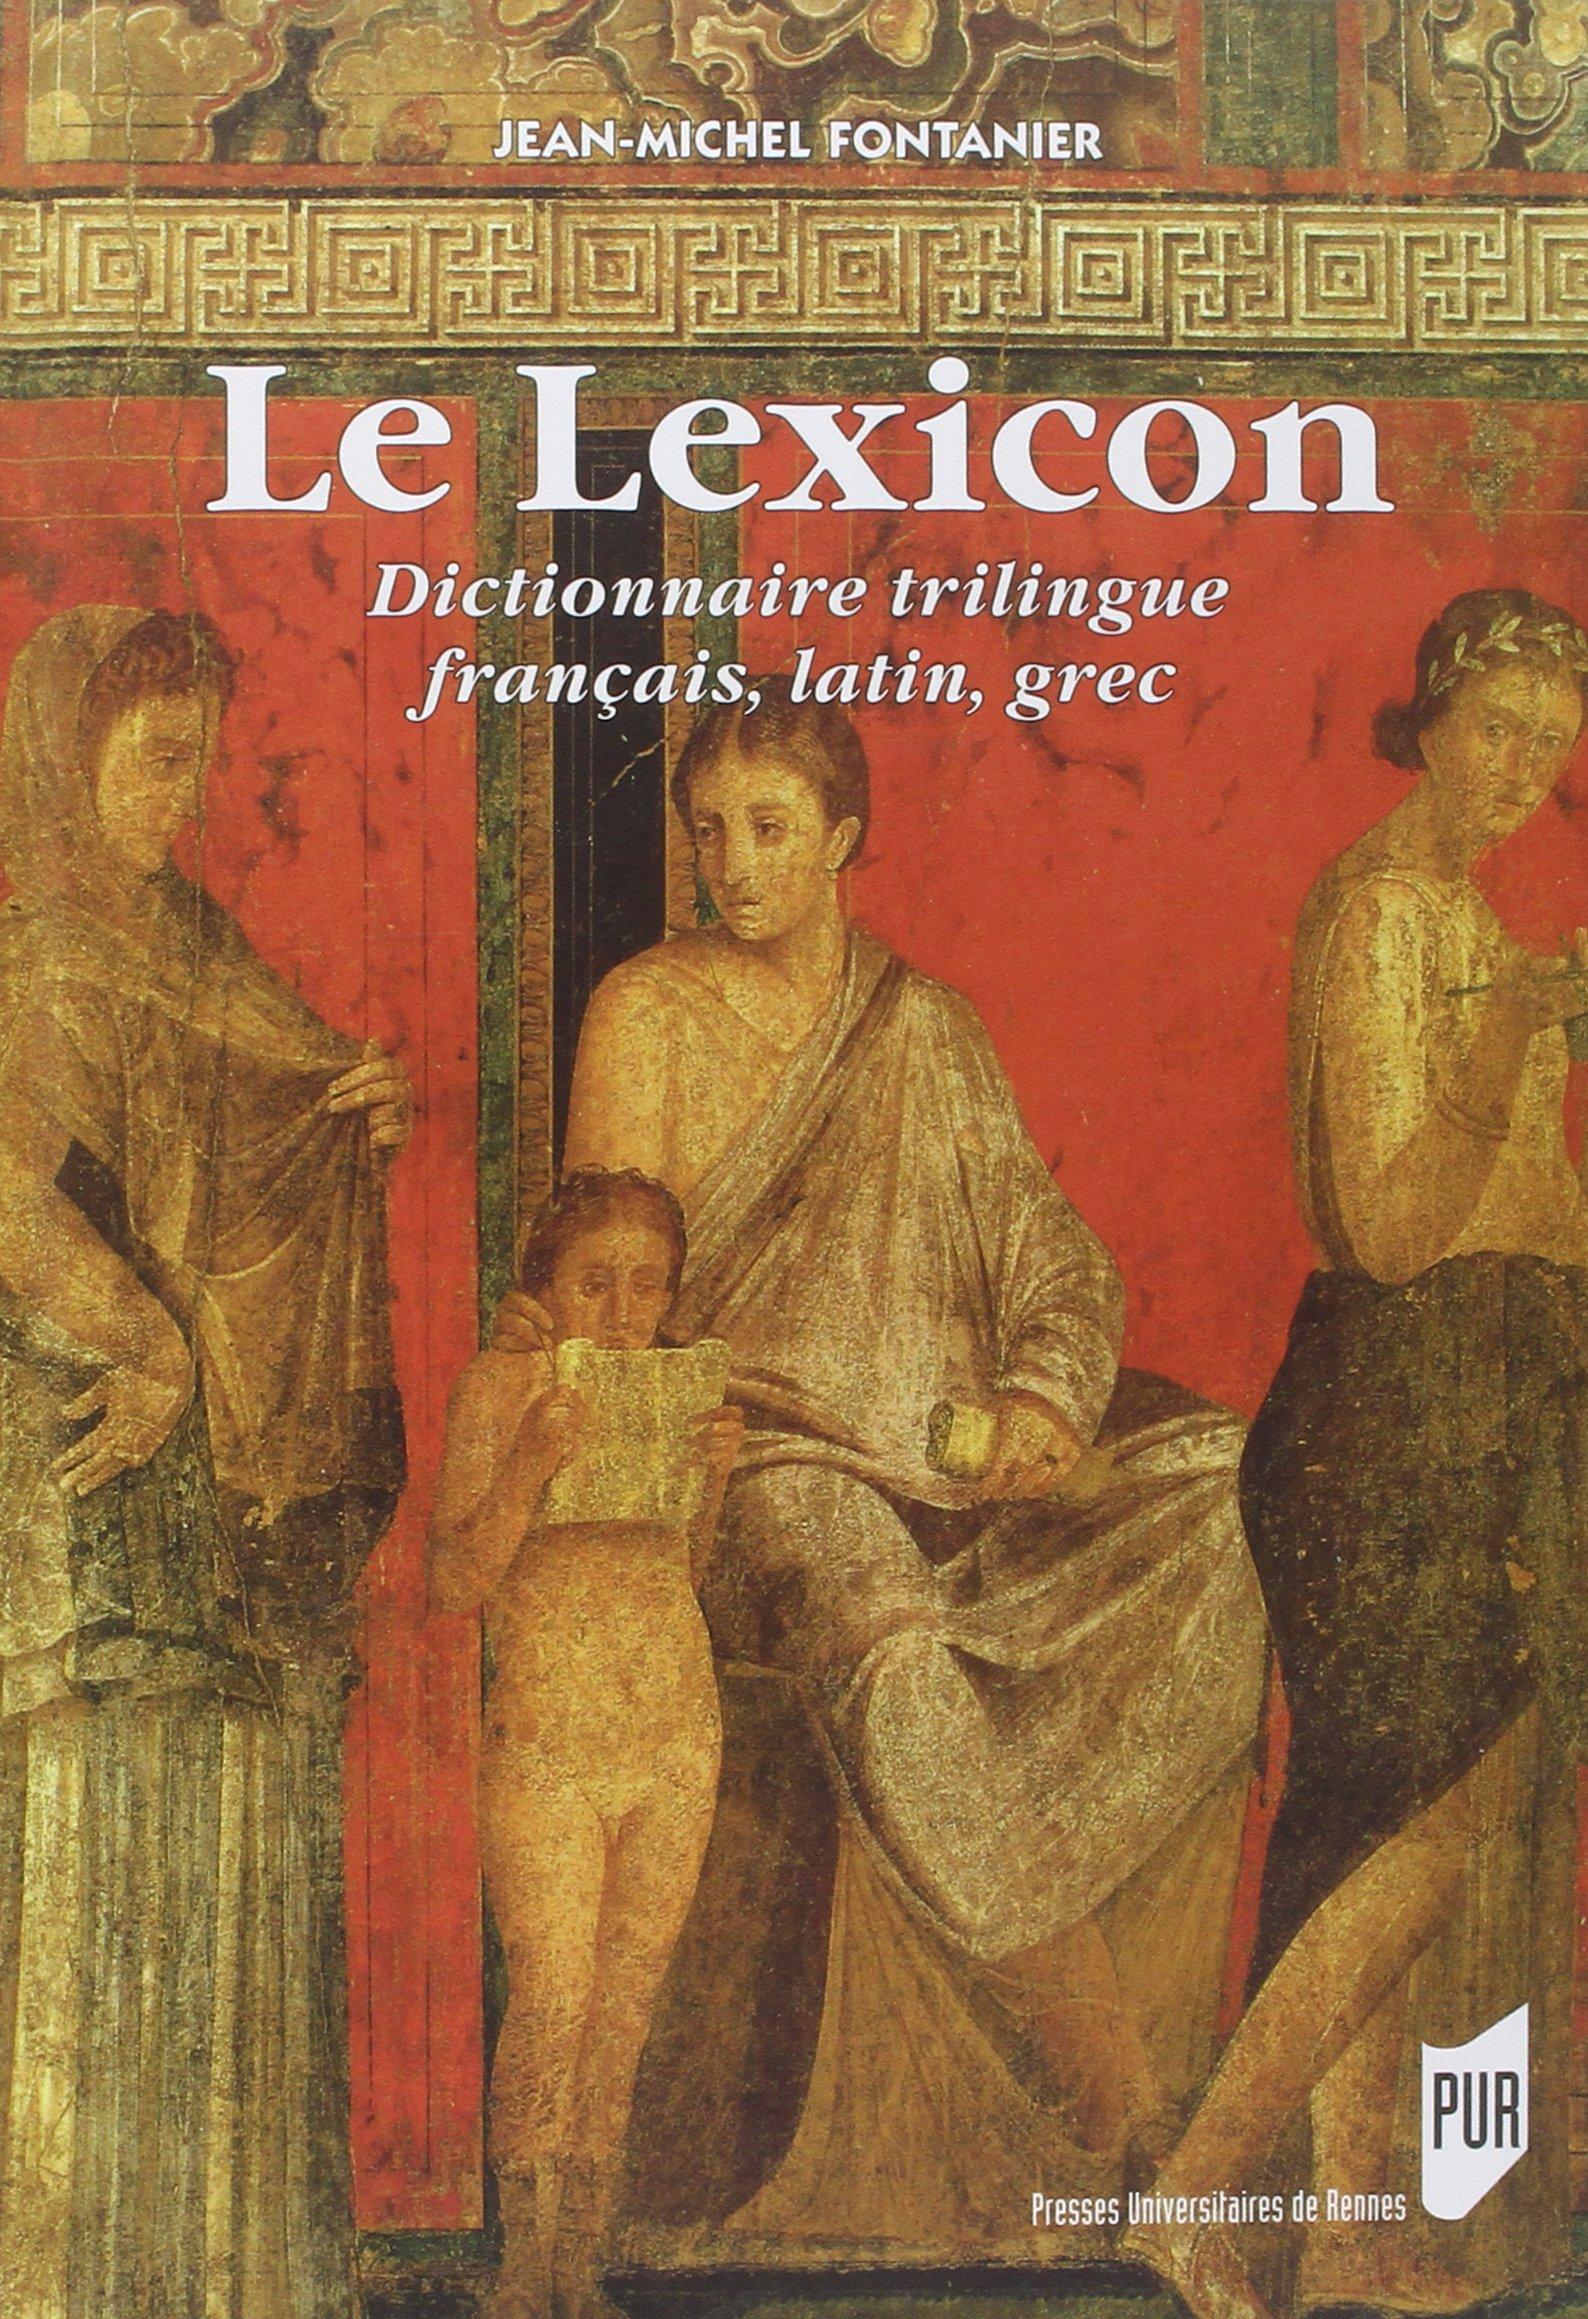 Le Lexicon : Dictionnairetrilingue français, latin, grec Relié – 30 août 2012 Jean-Michel Fontanier PU Rennes 2753520453 Critique littéraire